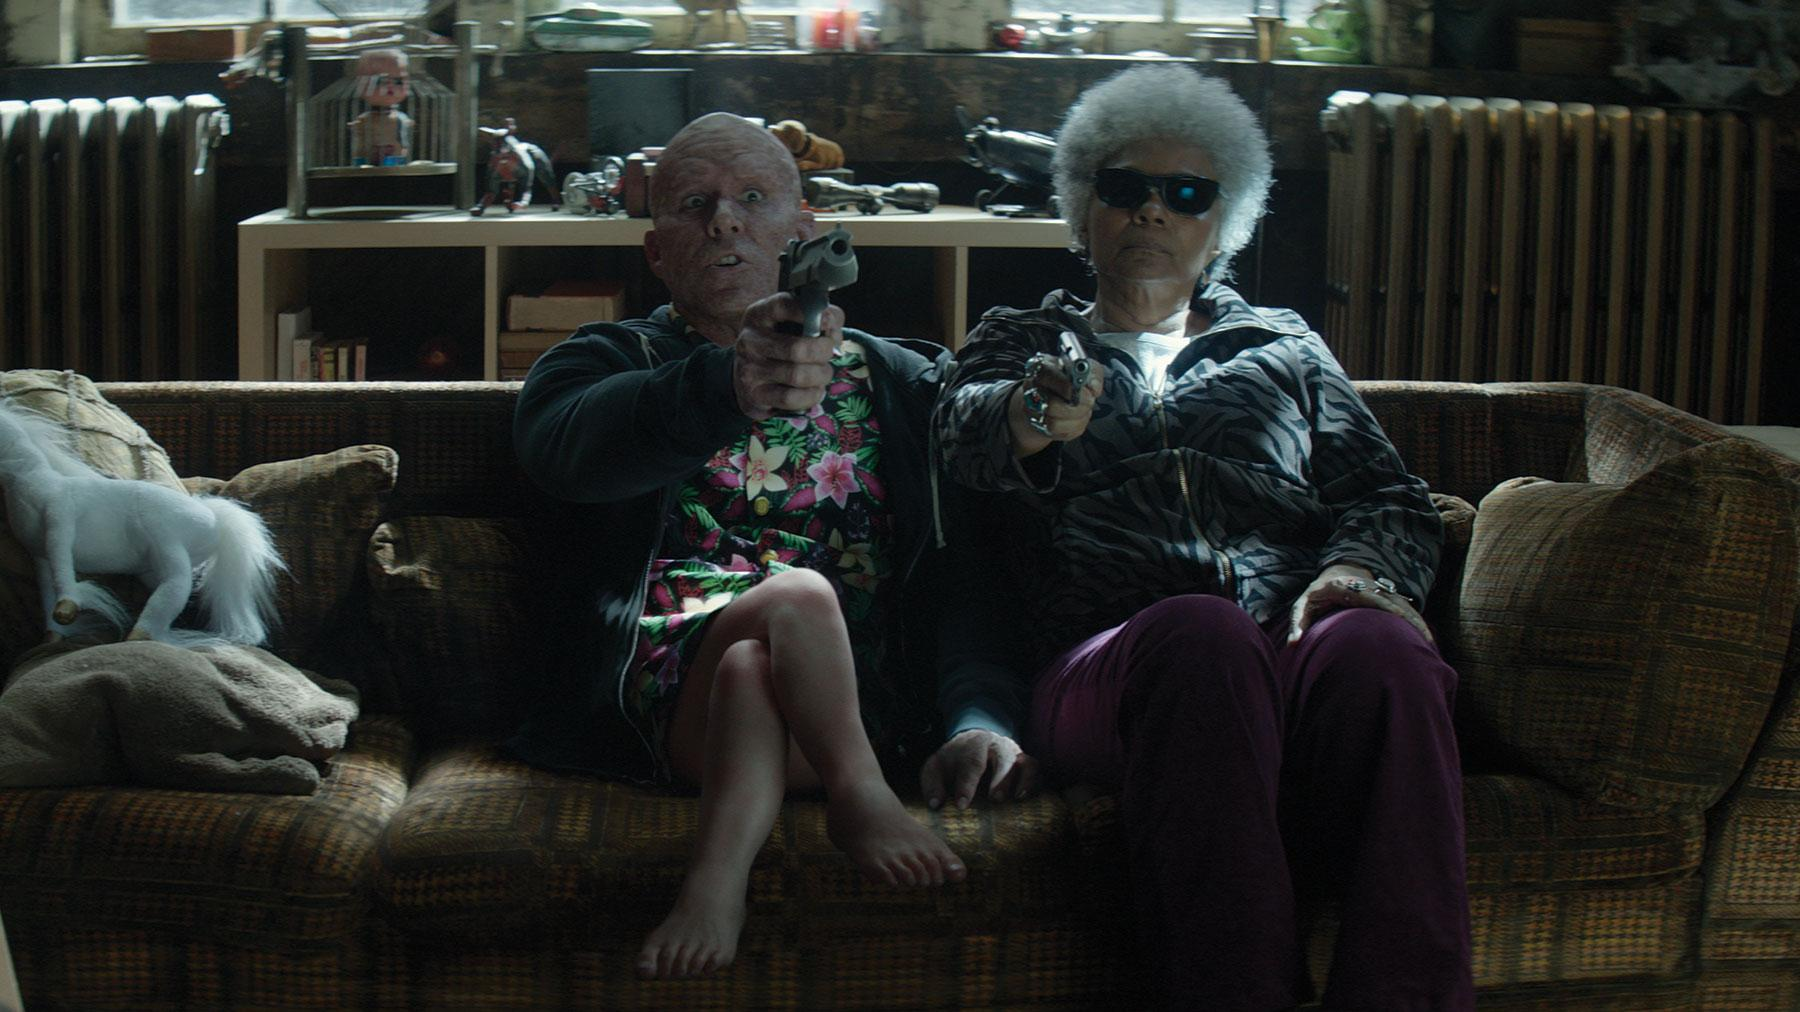 baby legs in Deadpool 2 scene